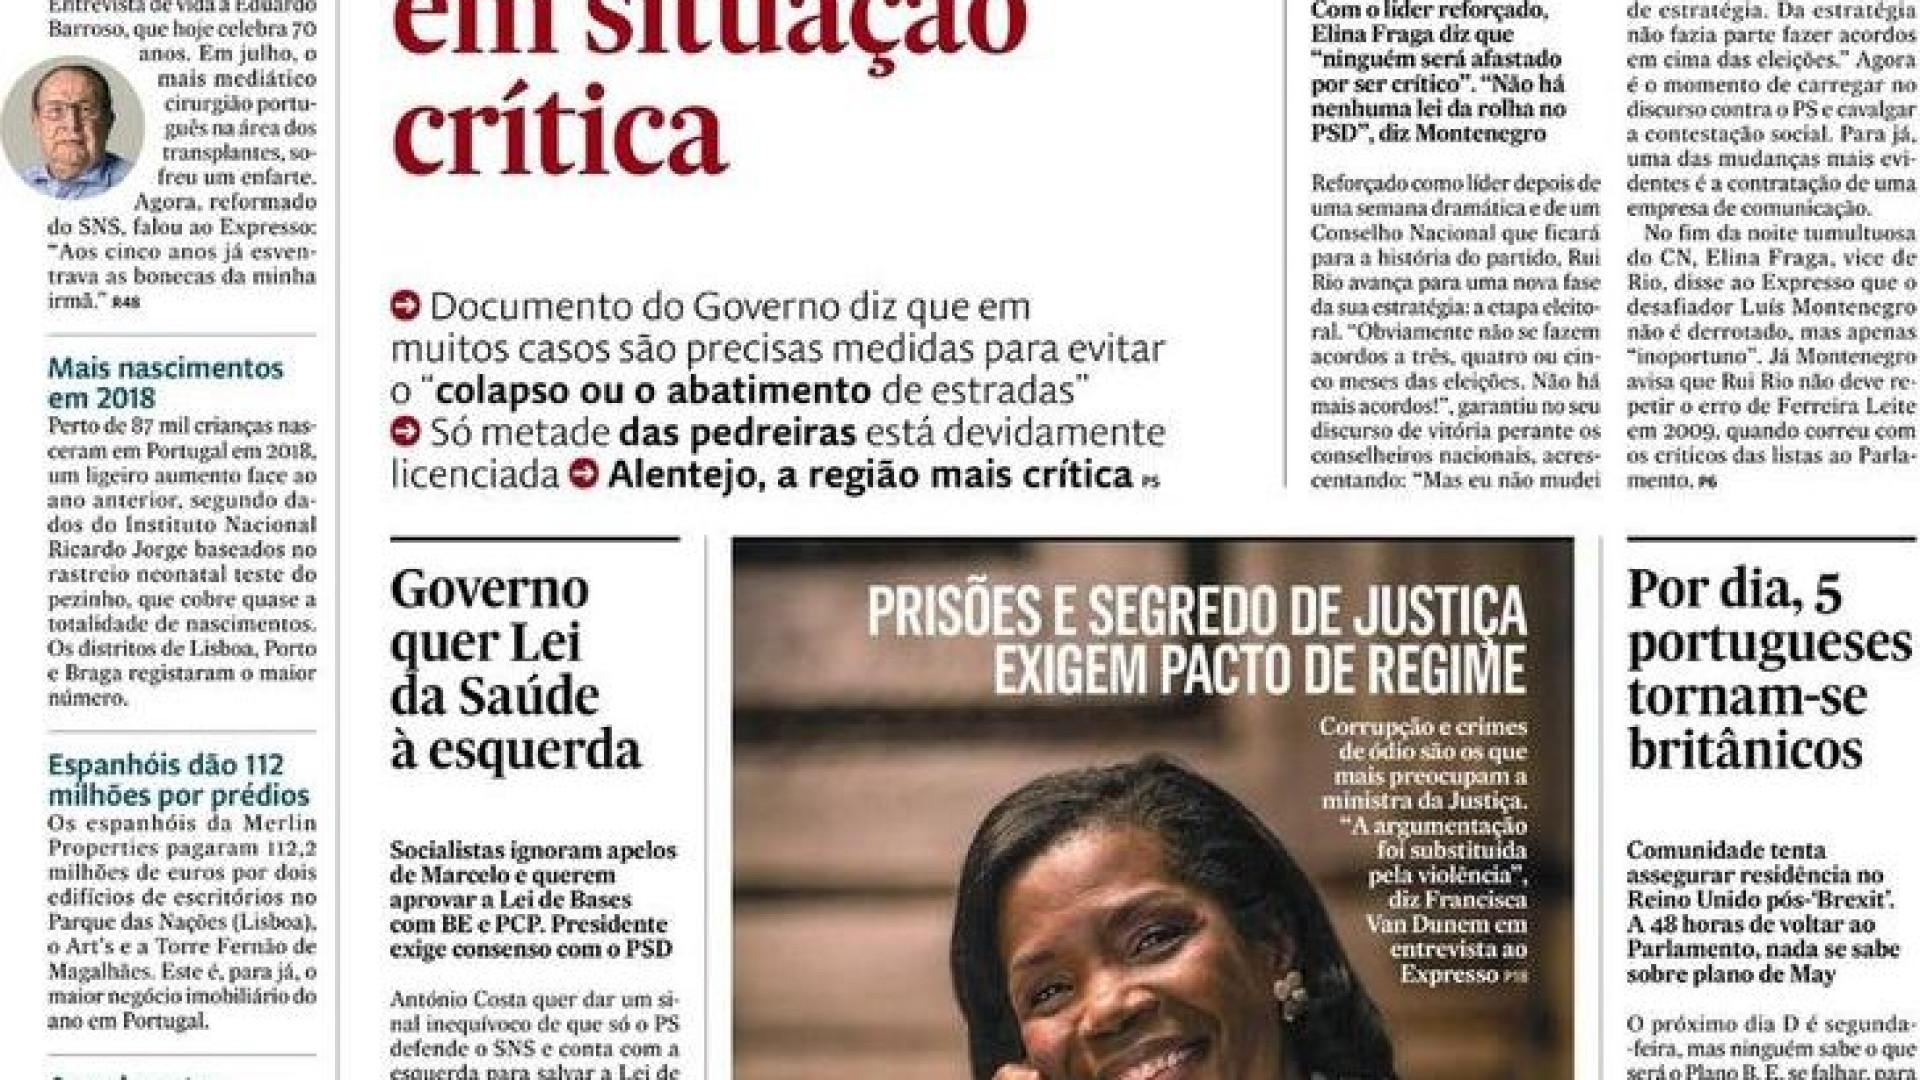 74c8b638a Hoje é notícia  Pedreiras em situação crítica  eurodeputada investigada